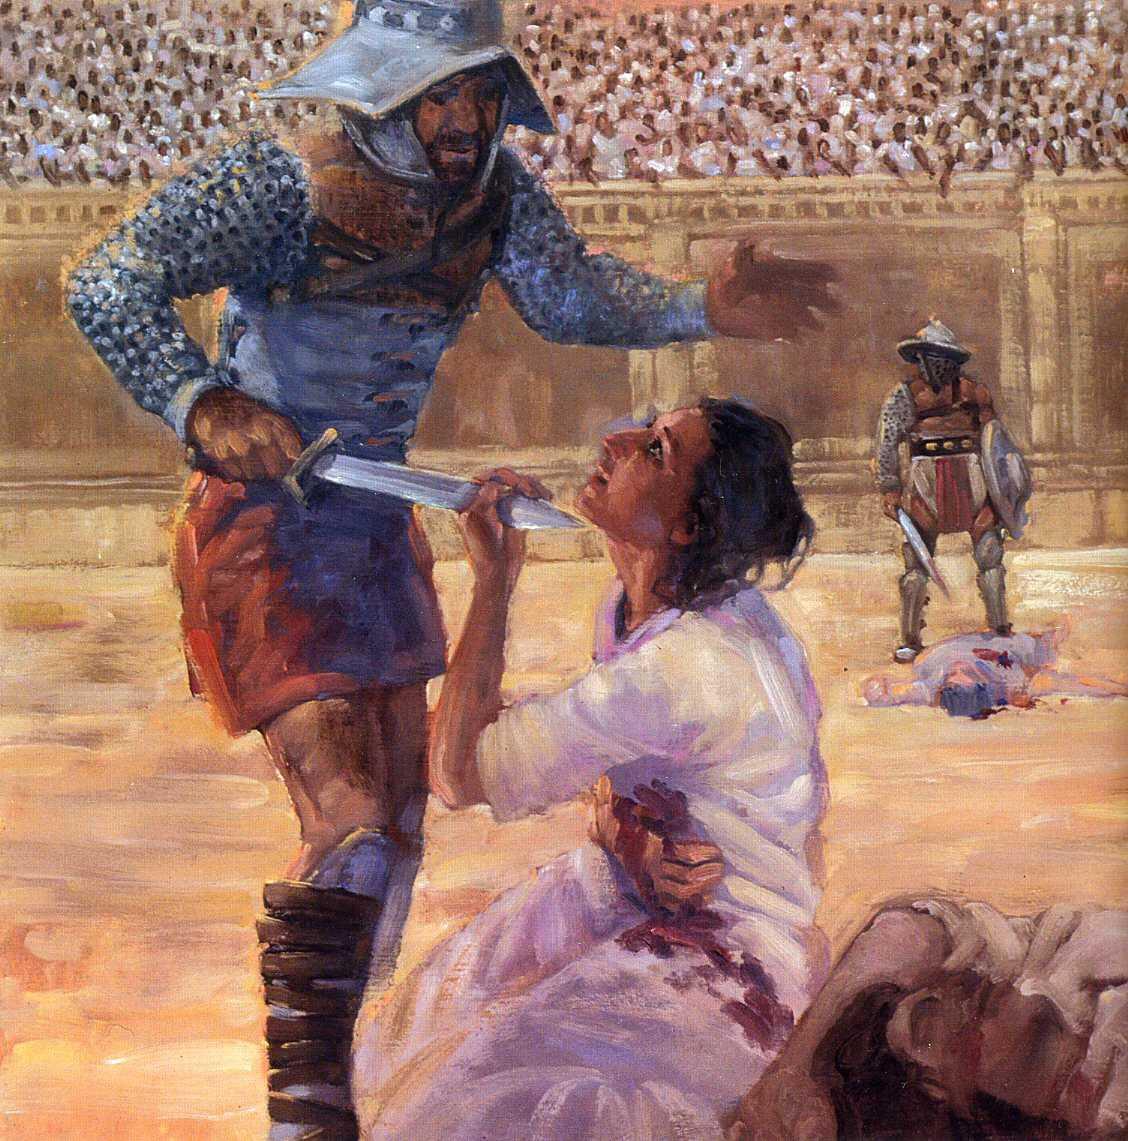 Αποτέλεσμα εικόνας για Αγία Περπέτουα